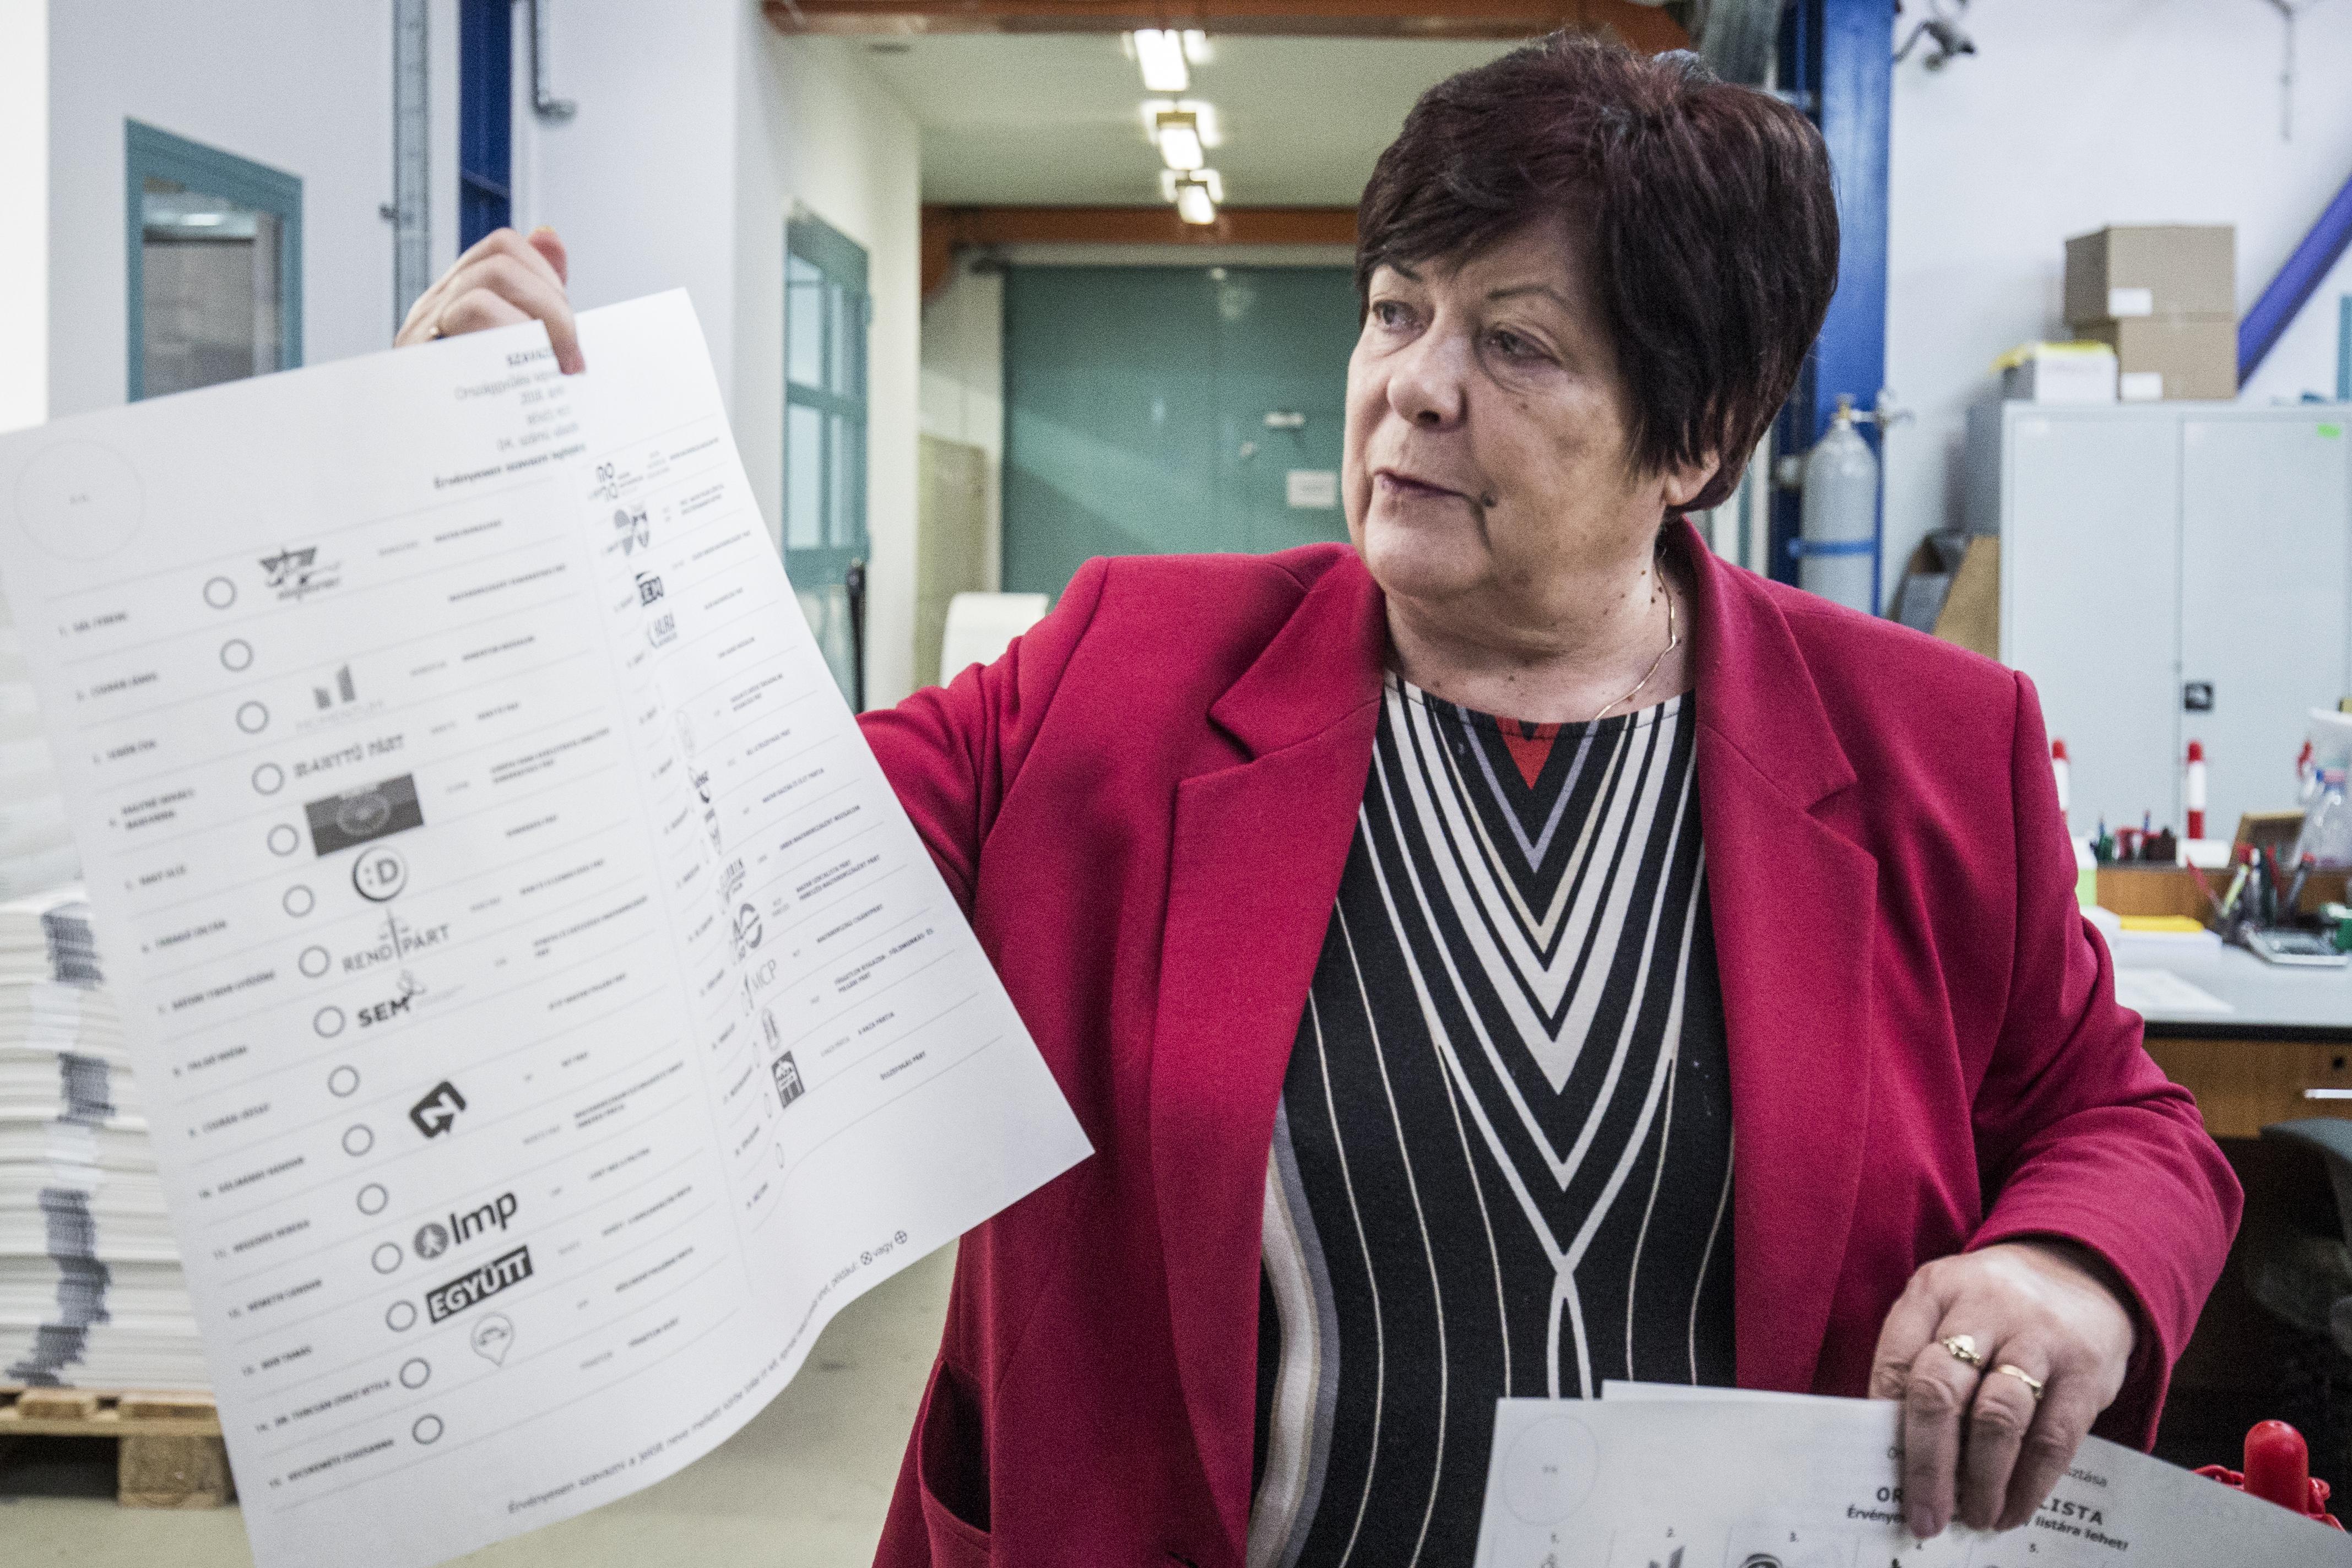 Lemondott Pálffy Ilona, a Nemzeti Választási Iroda elnöke